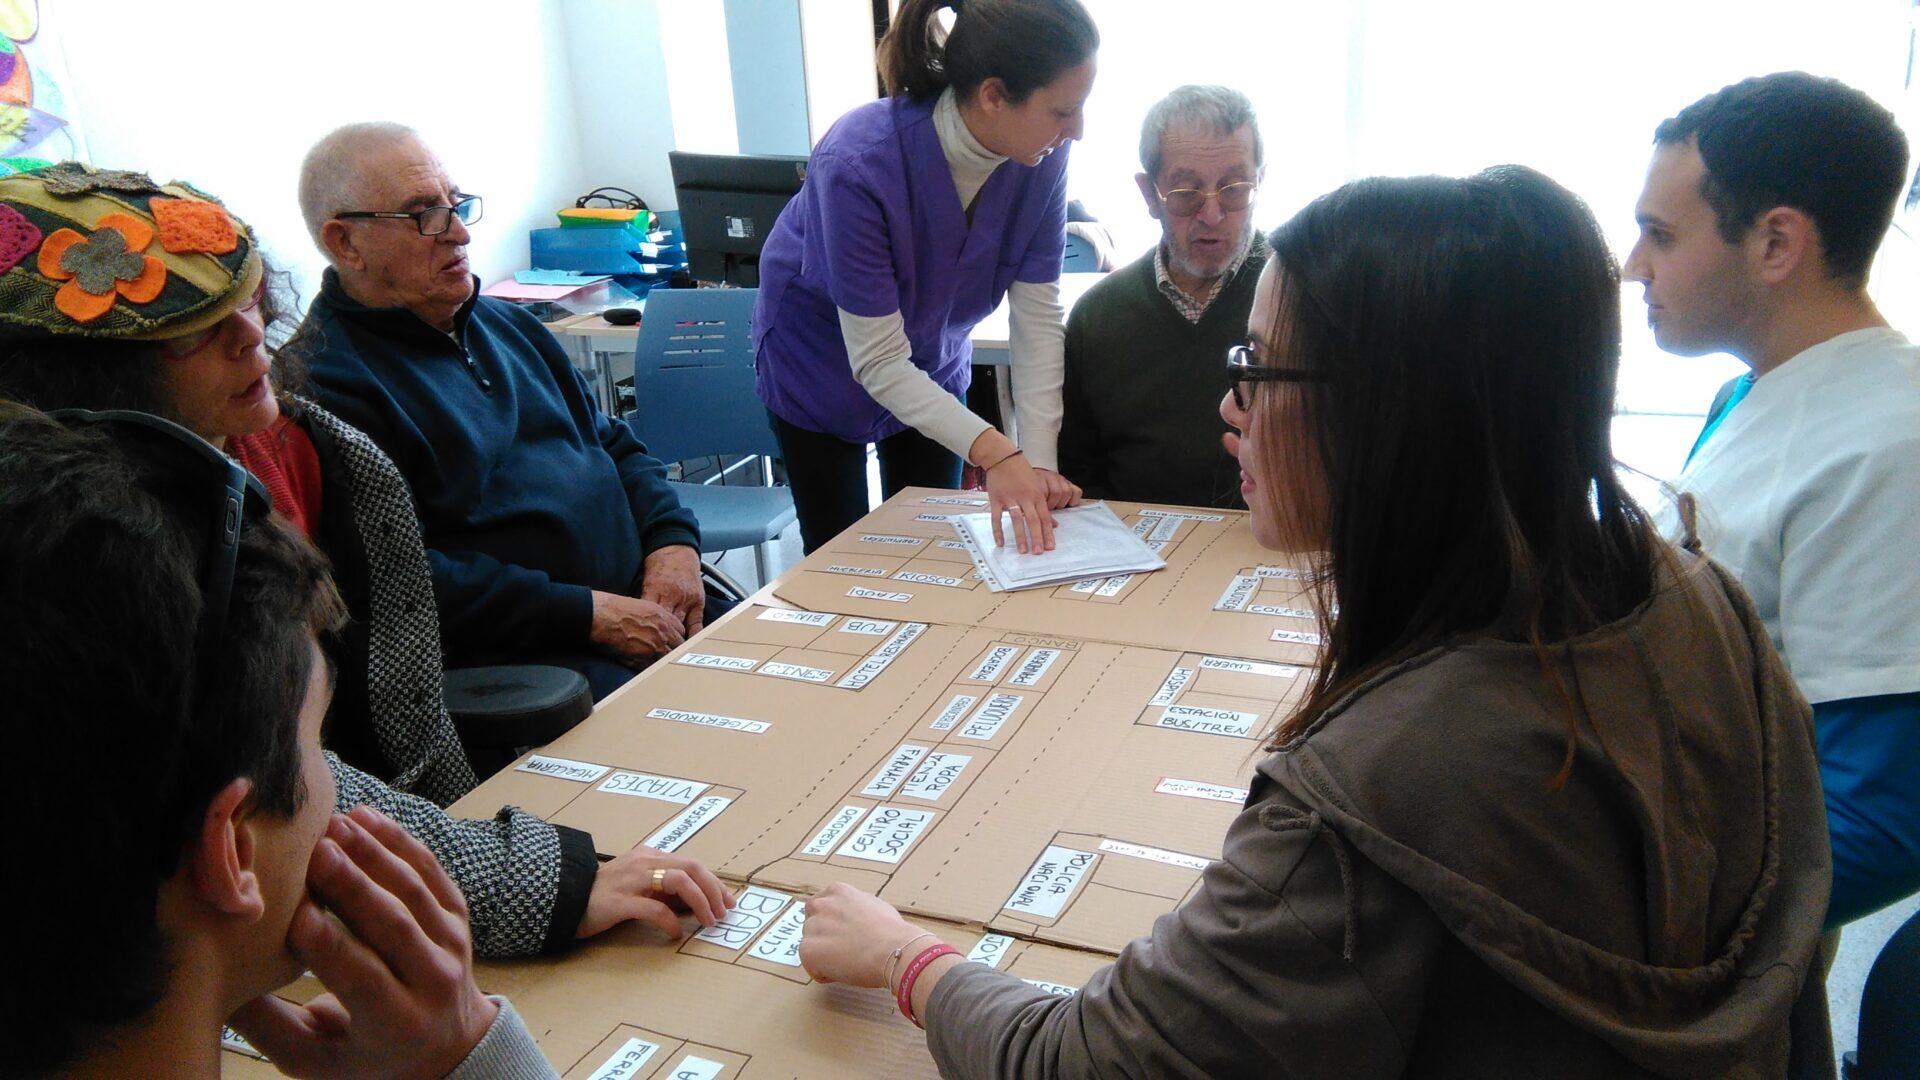 La Diputación Provincial de Alicante colabora con ADACEA para desarrollar actividades de carácter Rehabilitador y Terapéutico